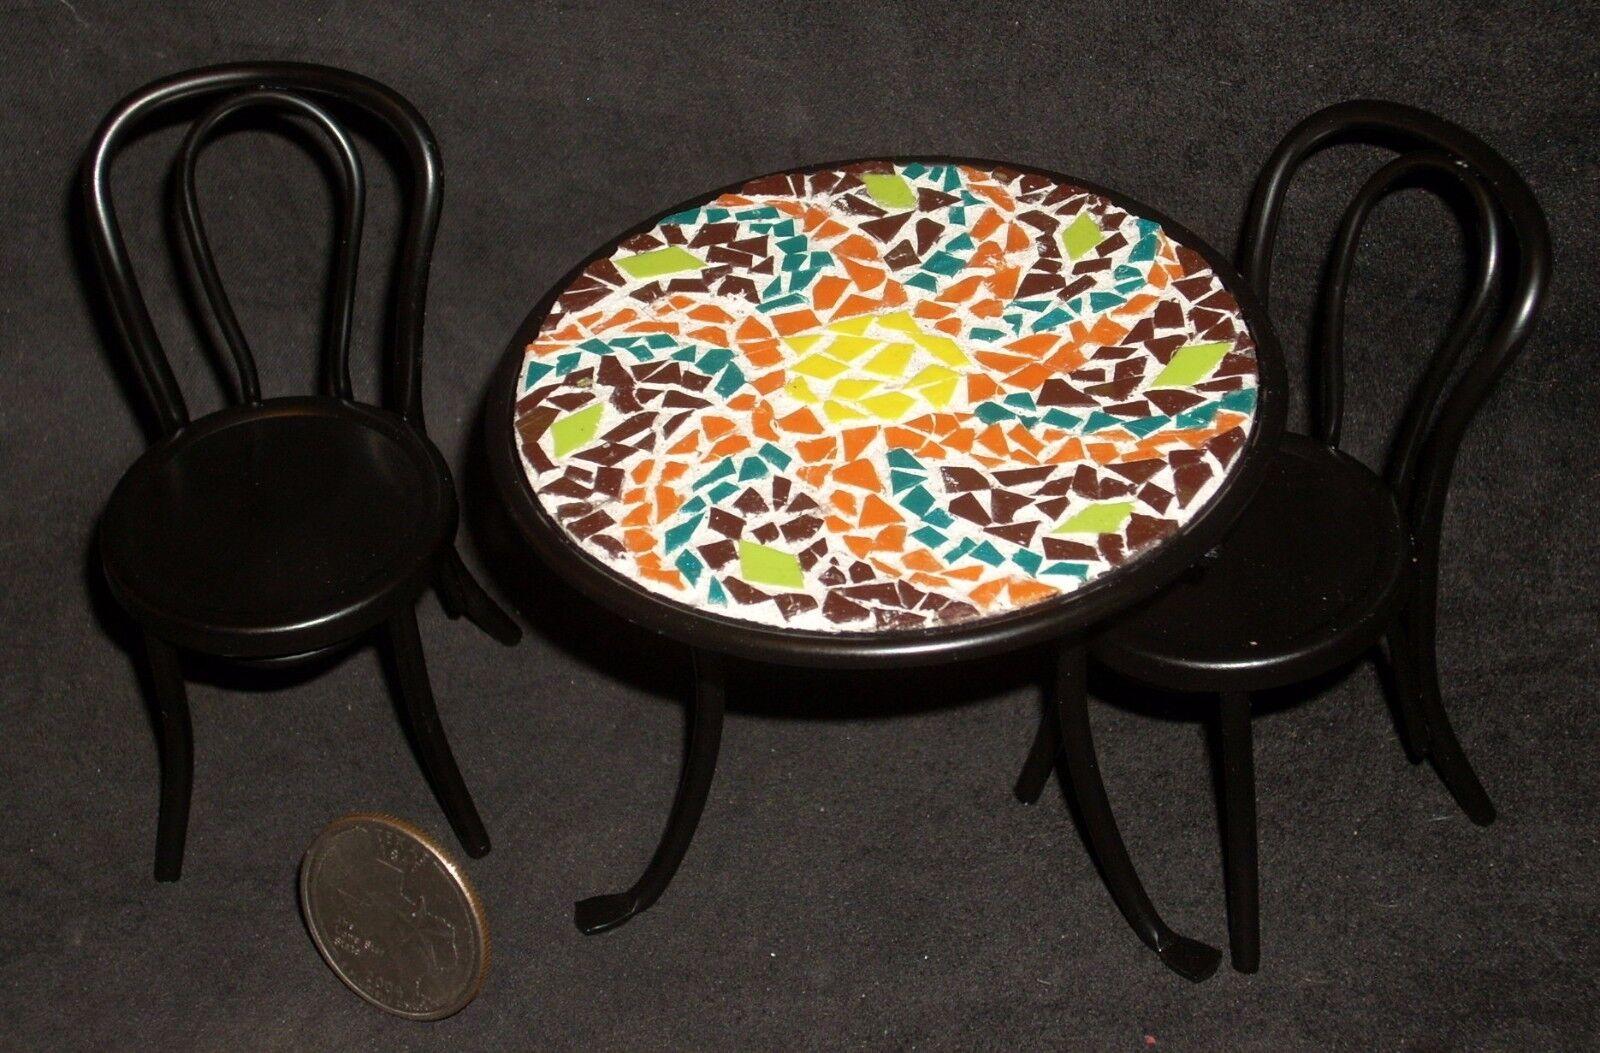 miglior servizio Mosaic Topped Table 2 Chairs 1 1 1 12 Cafe Garden Patio Bistro Miniature S50 2031  risparmia il 35% - 70% di sconto